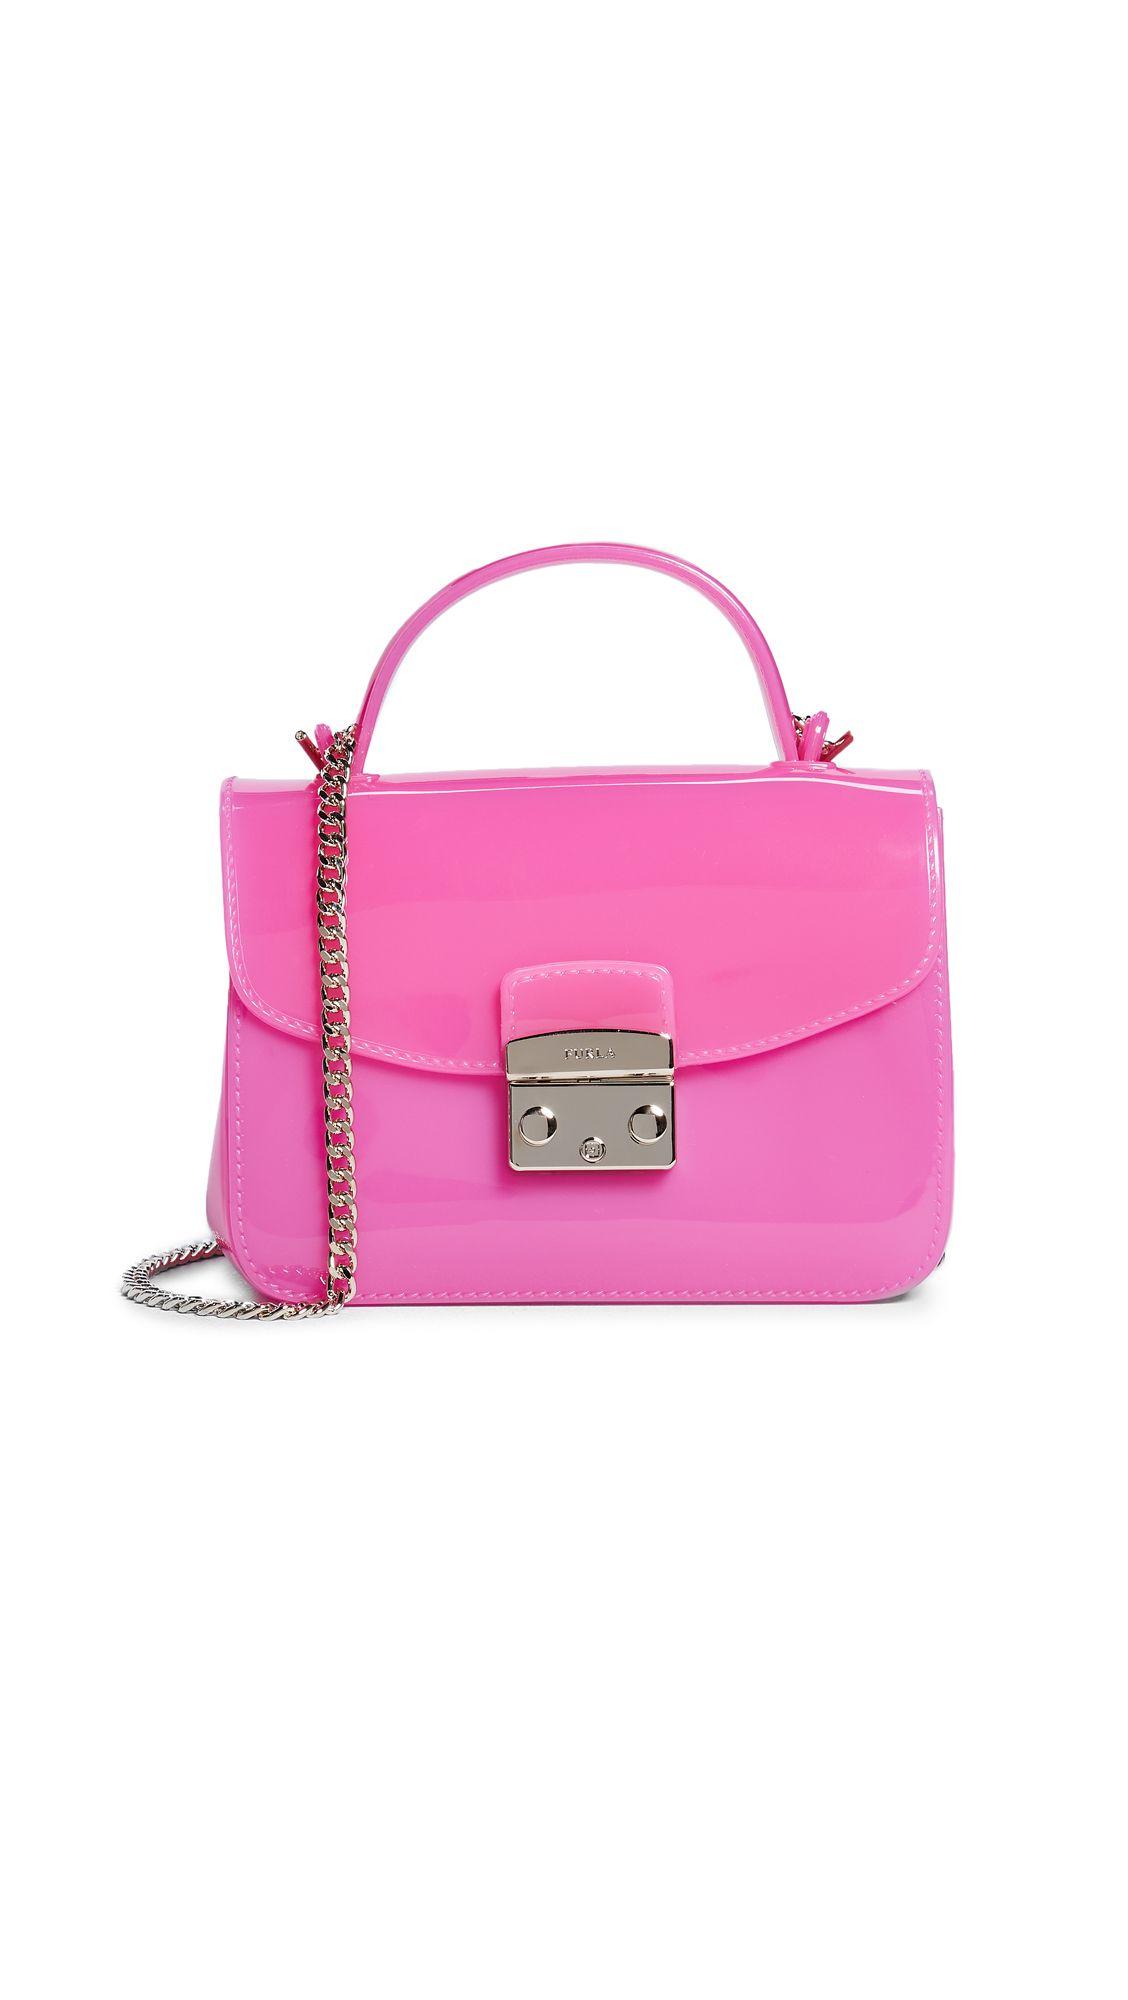 b6d790766ab FURLA CANDY MERINGA MINI CROSS BODY BAG.  furla  bags  shoulder bags  hand  bags  pvc